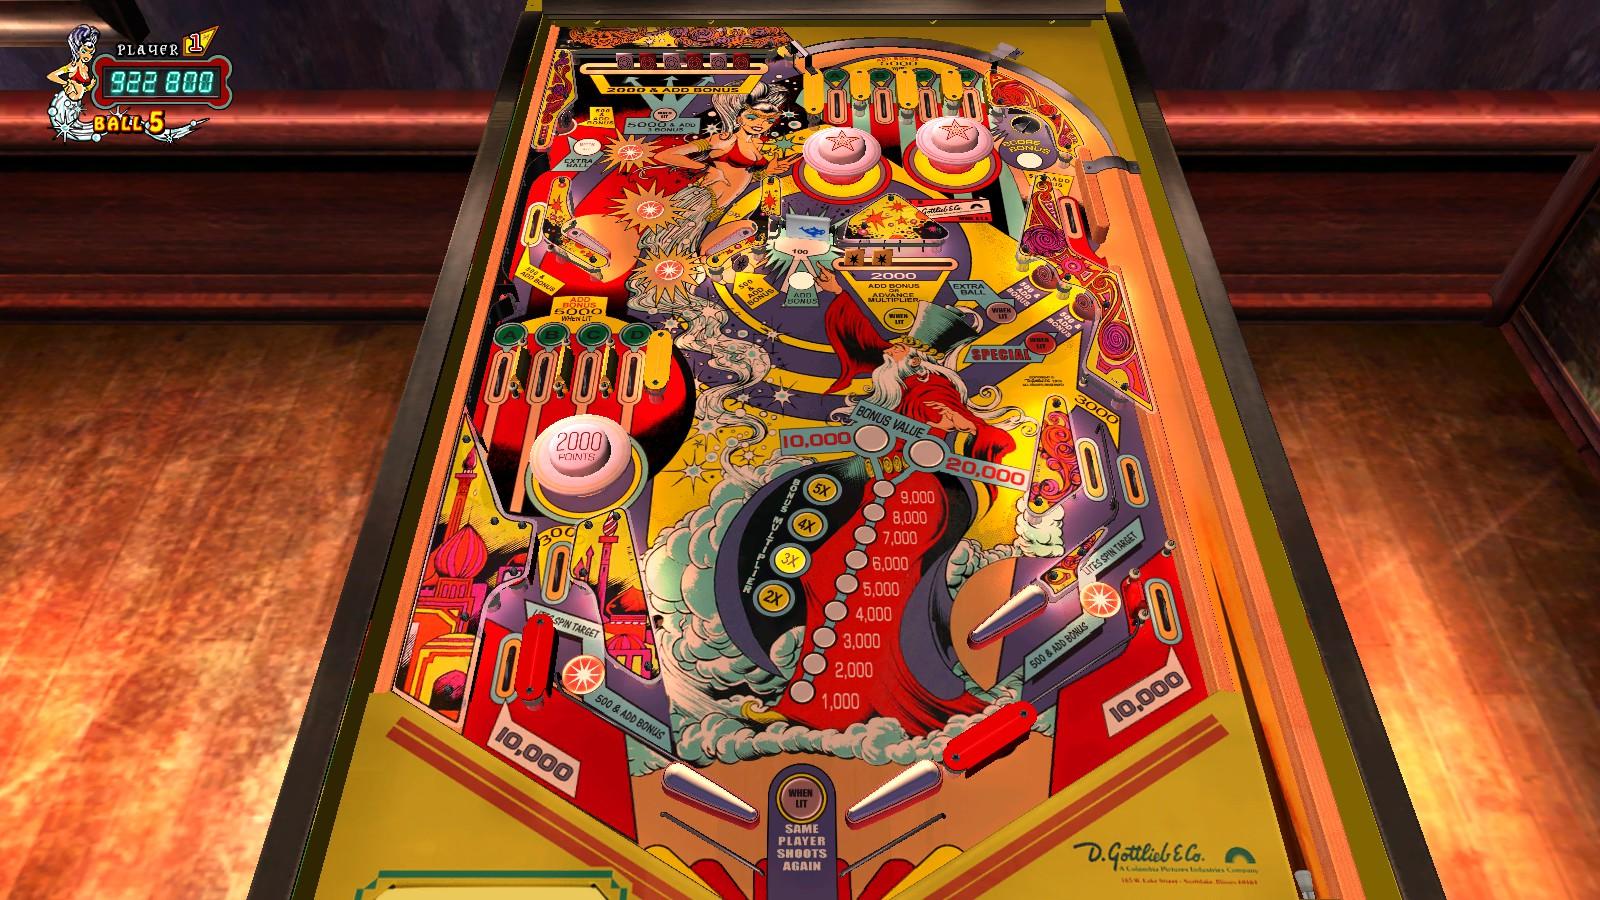 Deteacher: Pinball Arcade: Genie (PC) 922,800 points on 2015-08-28 22:01:26